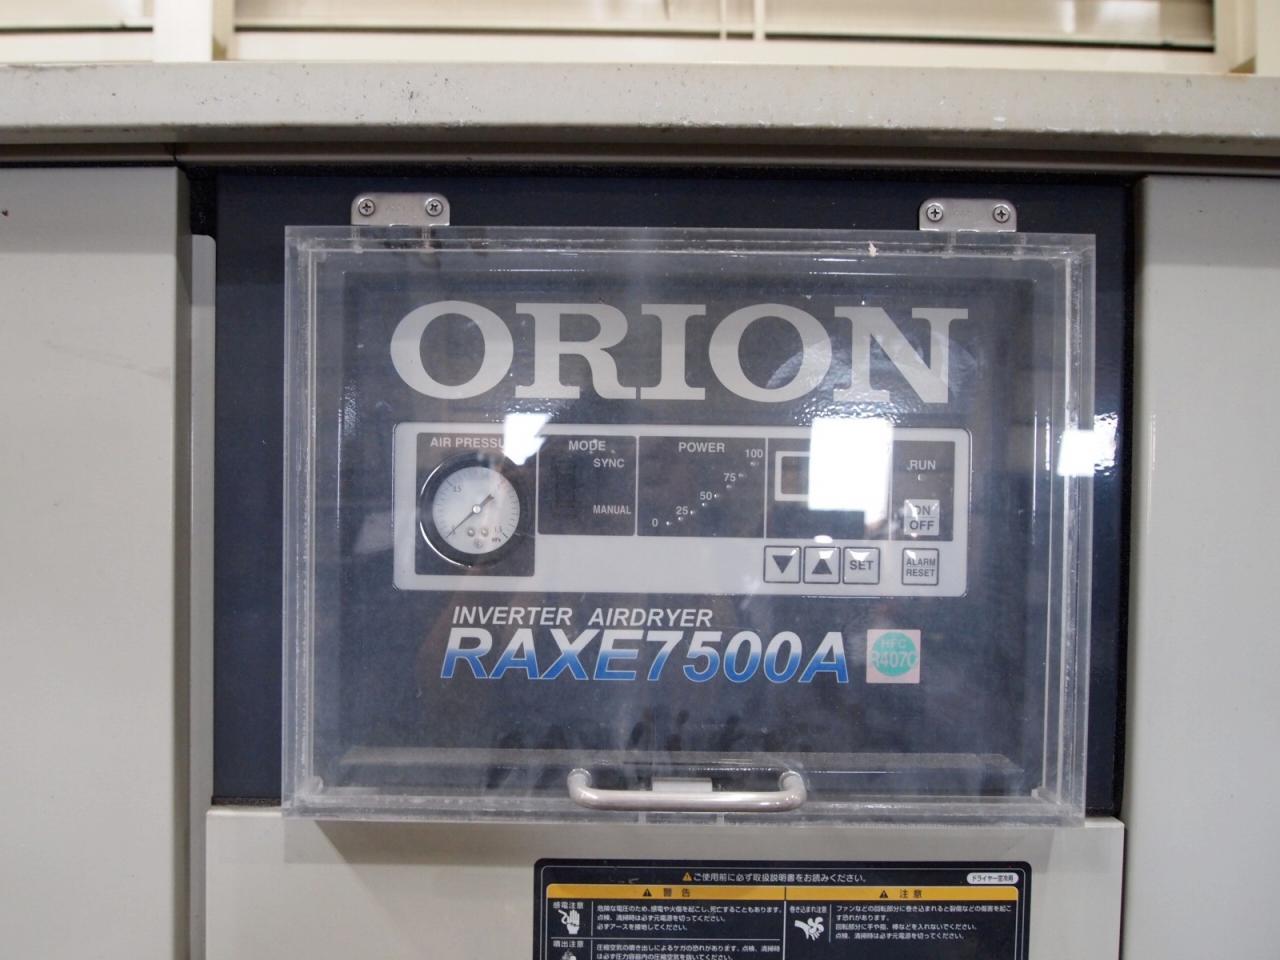 RAXE7500Aメーター・操作盤部